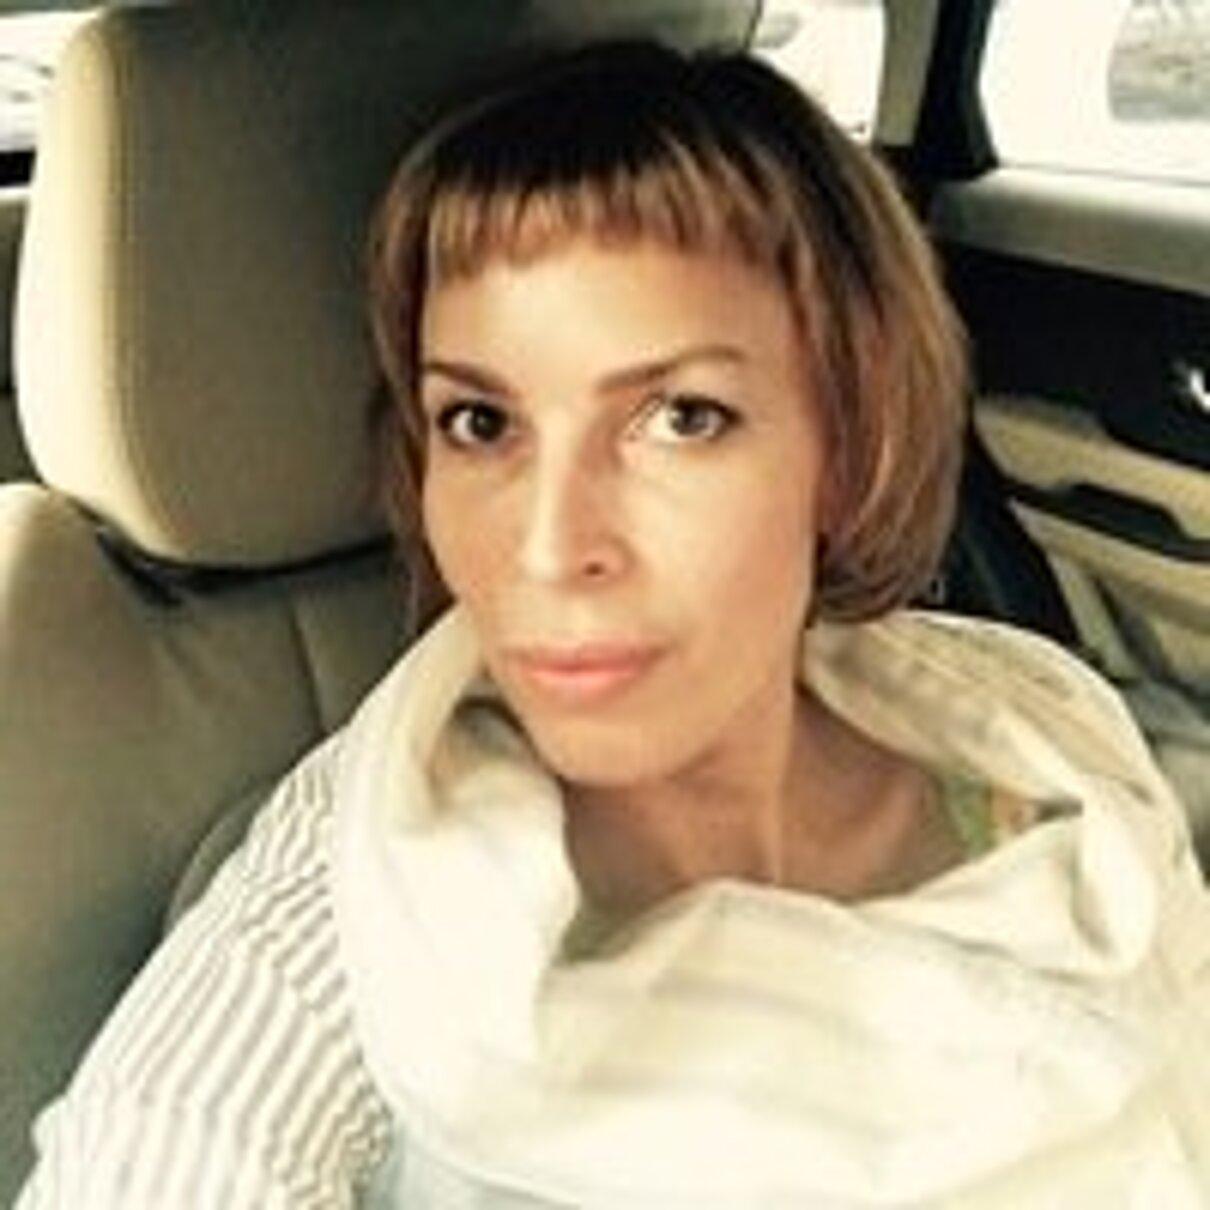 Жалоба-отзыв: Машкарина Мария (Болышева) - Задержаны в г.Спб Административное нарушение.  Фото №3